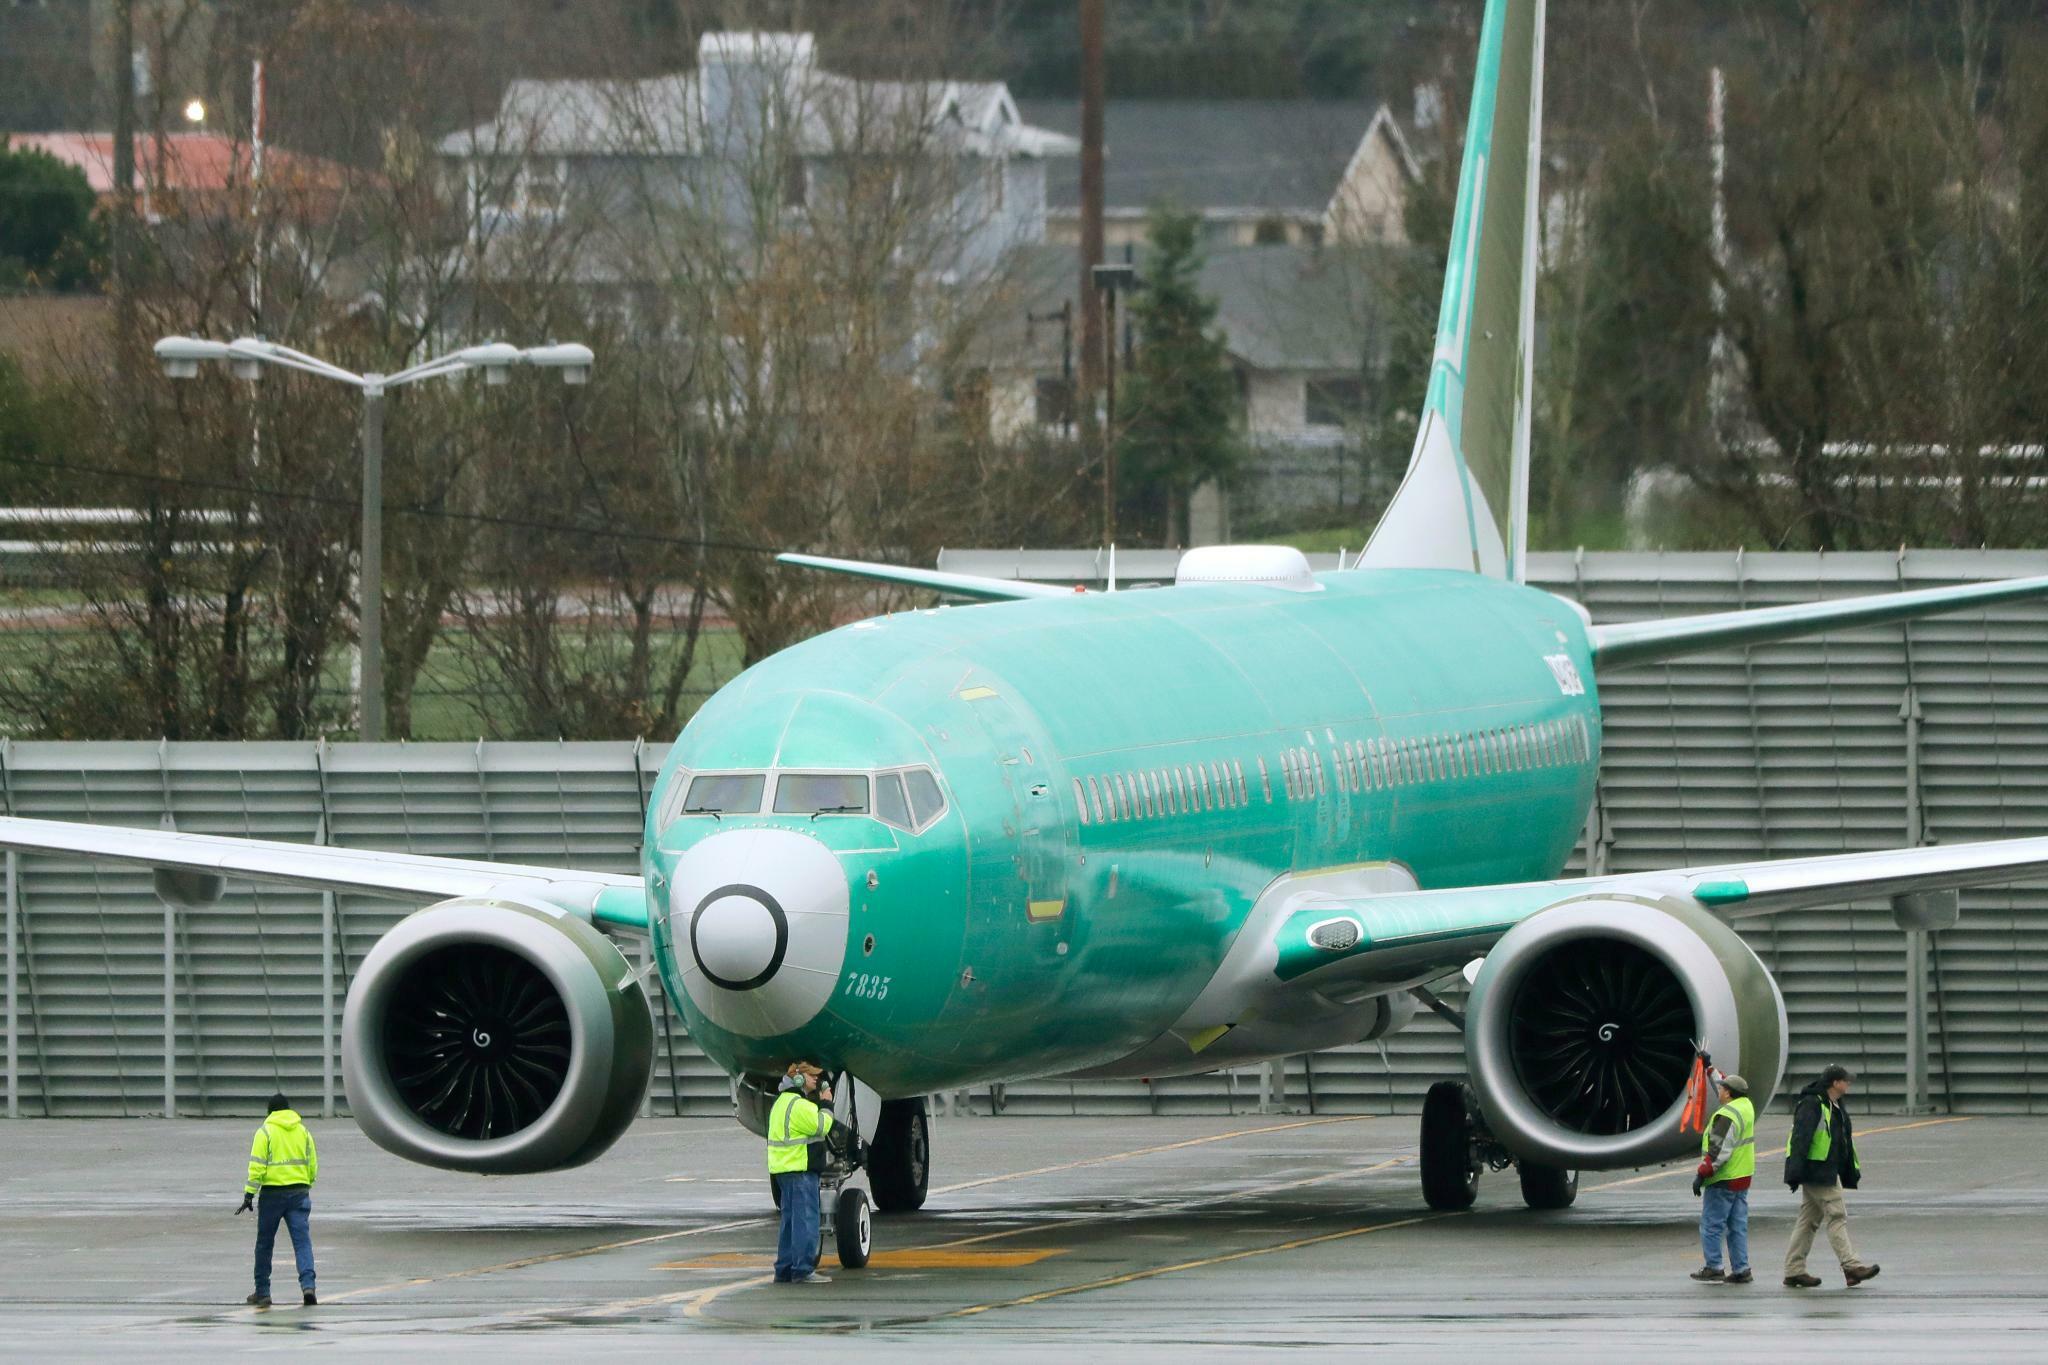 Flugzeugbauer: US-Aufsicht: Boeing sollte nicht auf rasche Wiederzulassung der 737 Max setzen